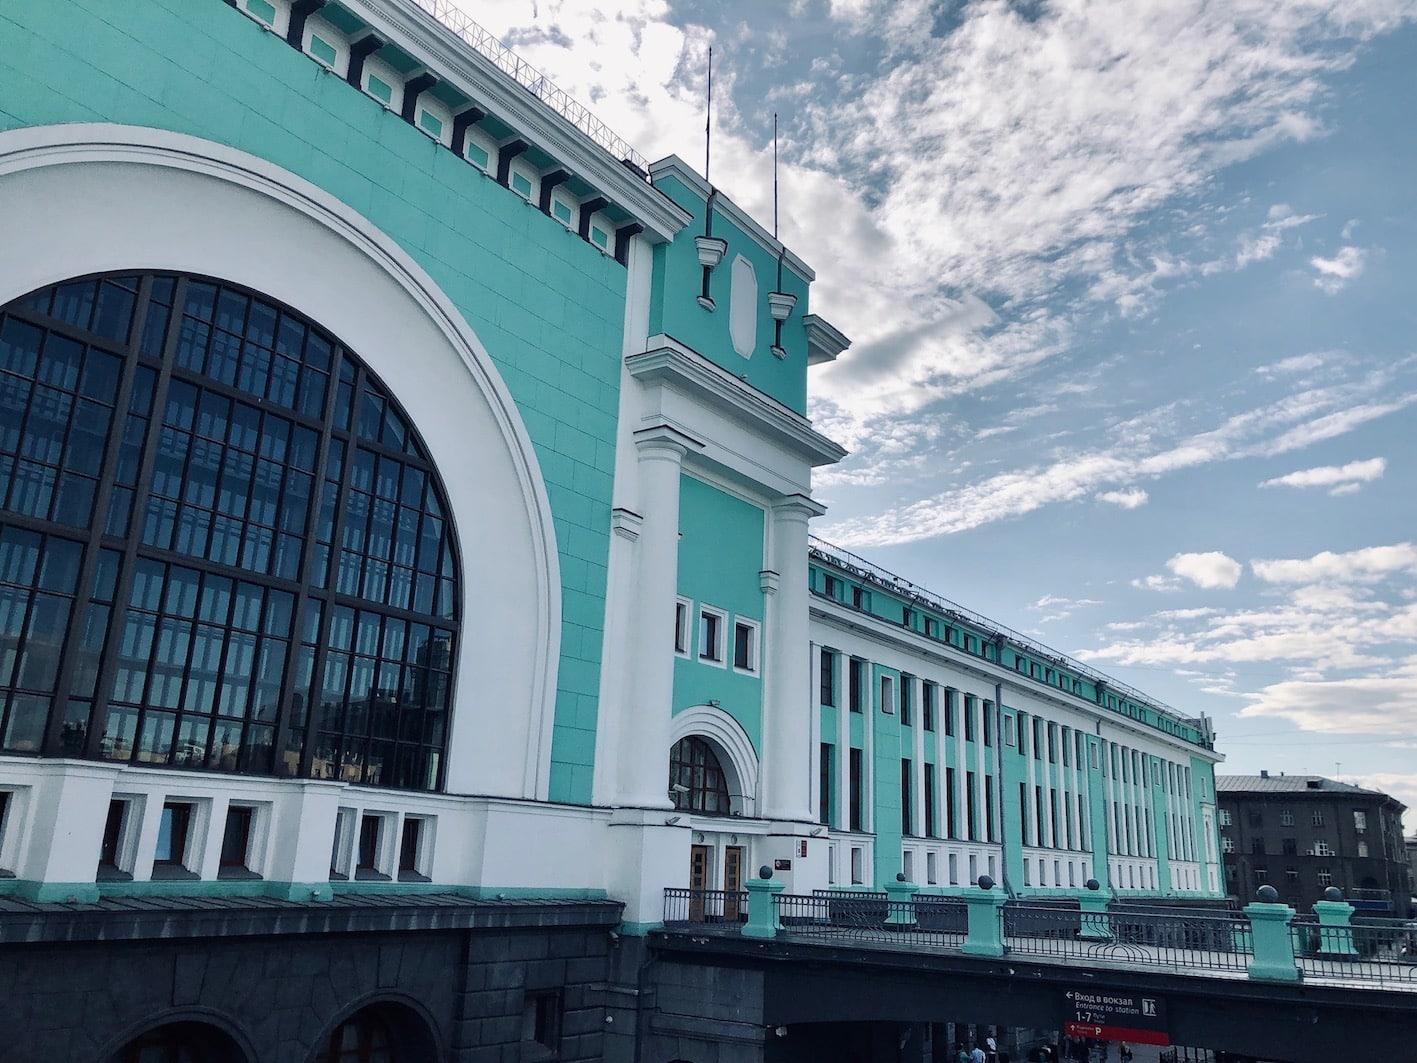 Jernbanestasjonen